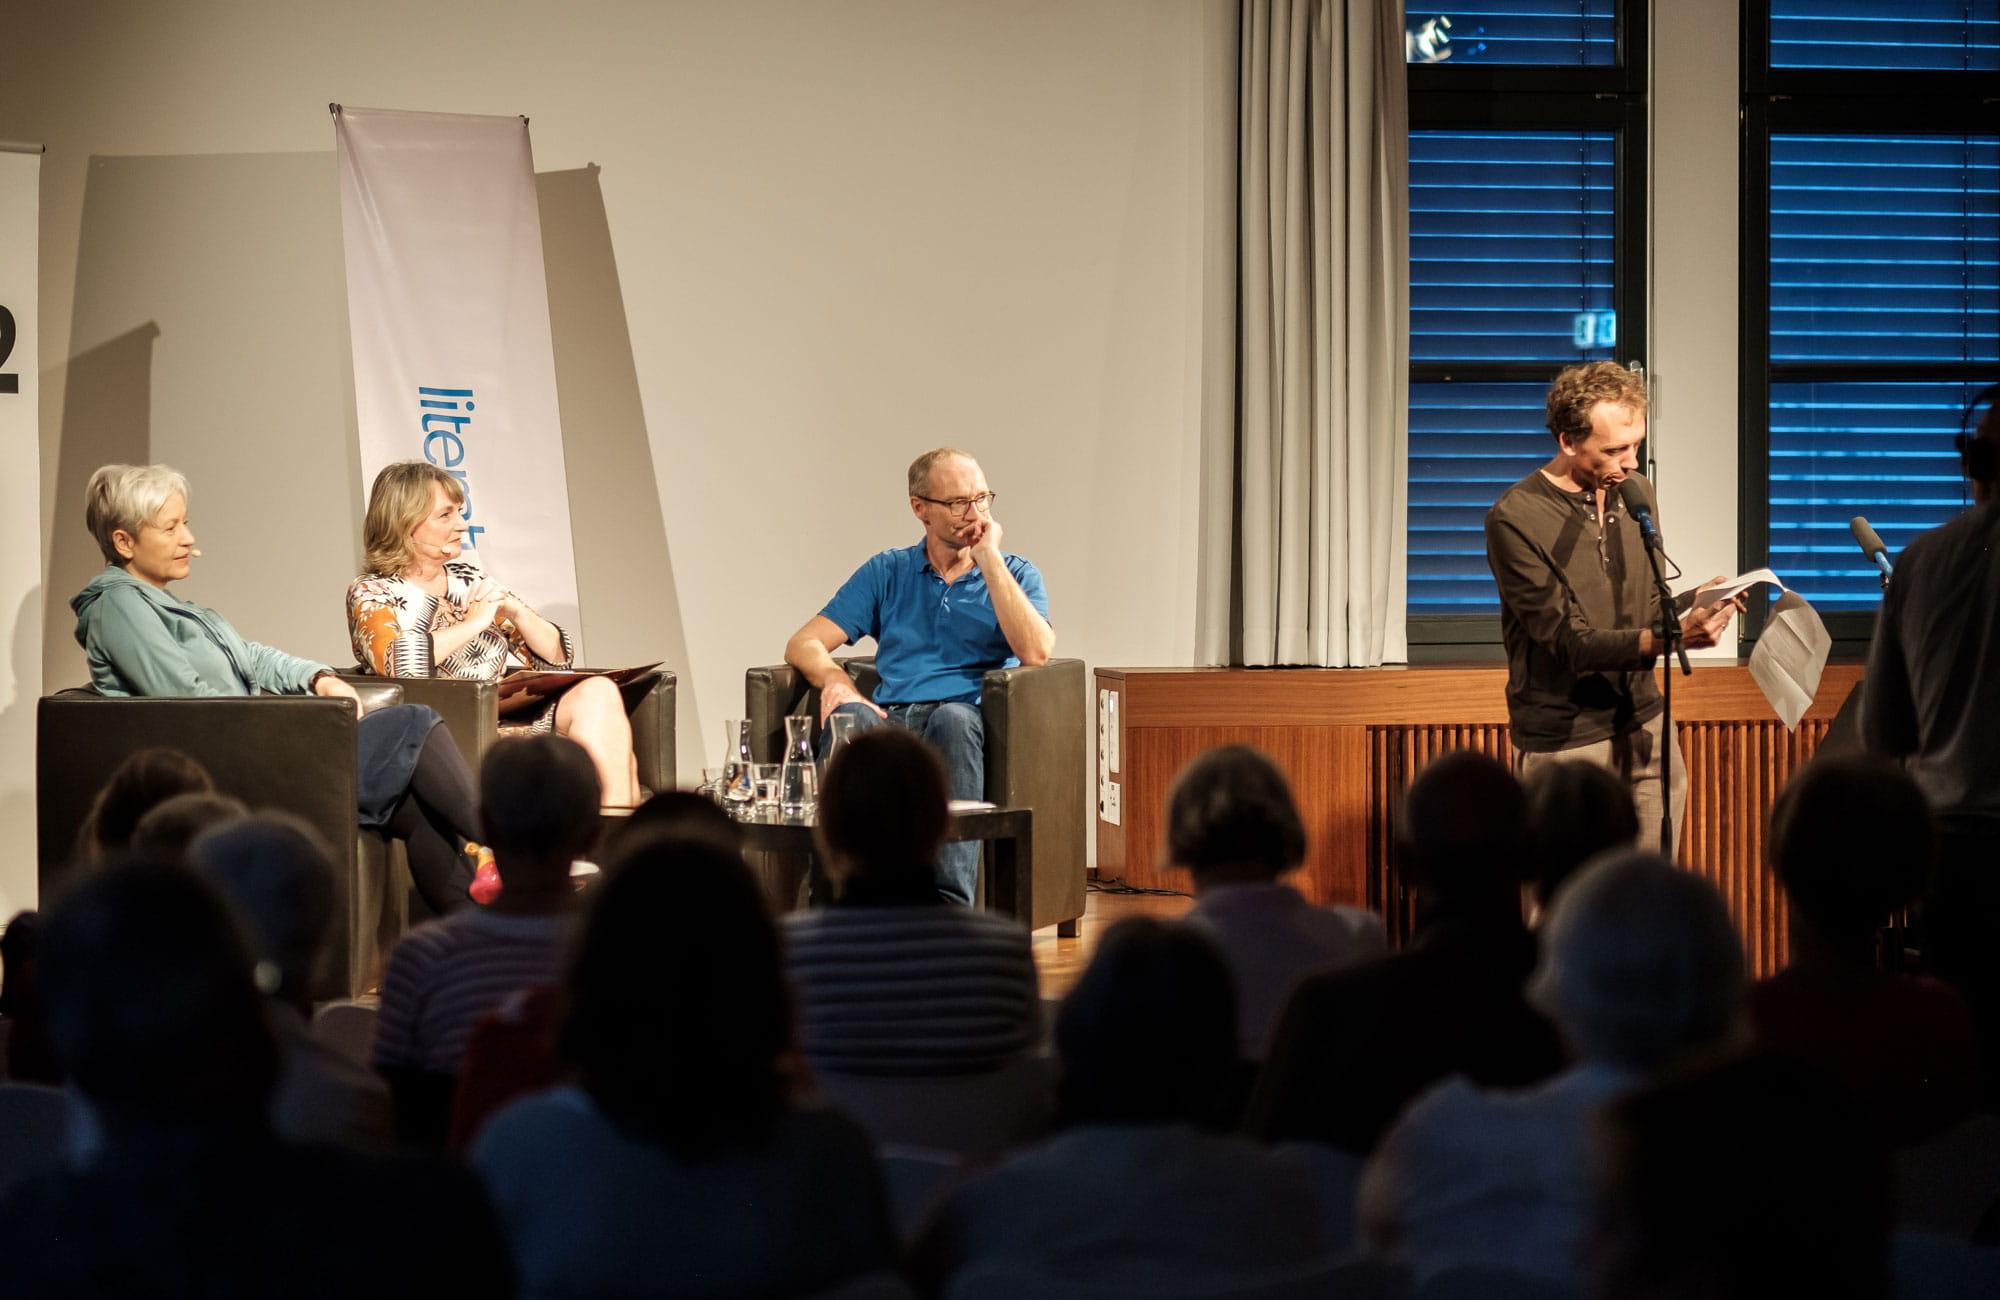 """Ulrike Draesner, John von Düffel: Theodor Storm """"Der Schimmelreiter"""", Montag, 16.09.19               /                   19.30              Uhr <br/>(c) Sebastian Wenzel"""